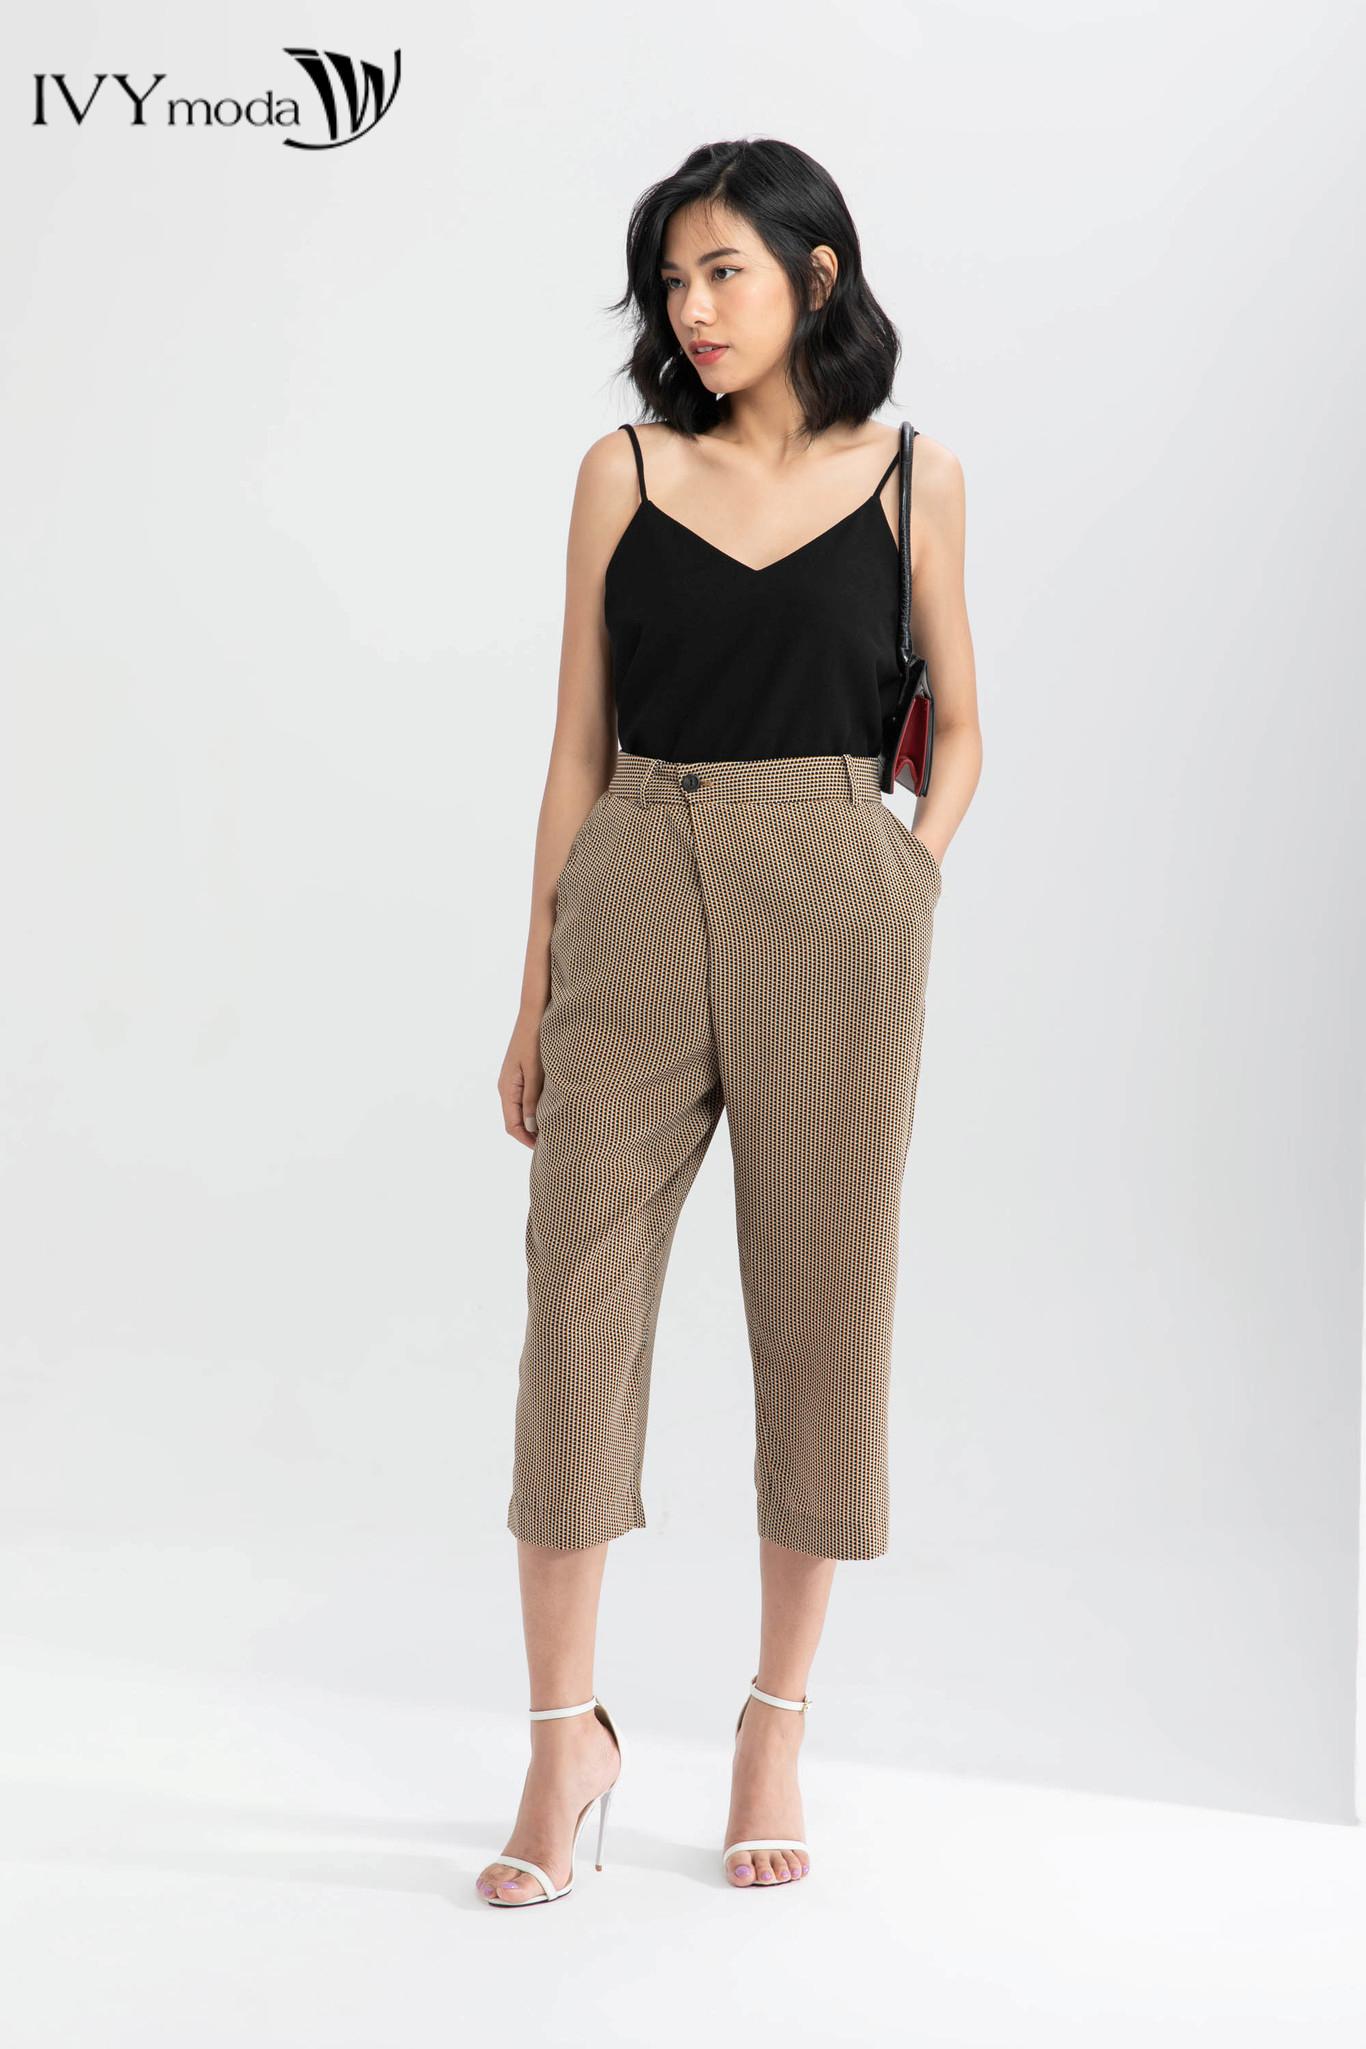 Áo hai dây nữ IVY moda MS 12P0156